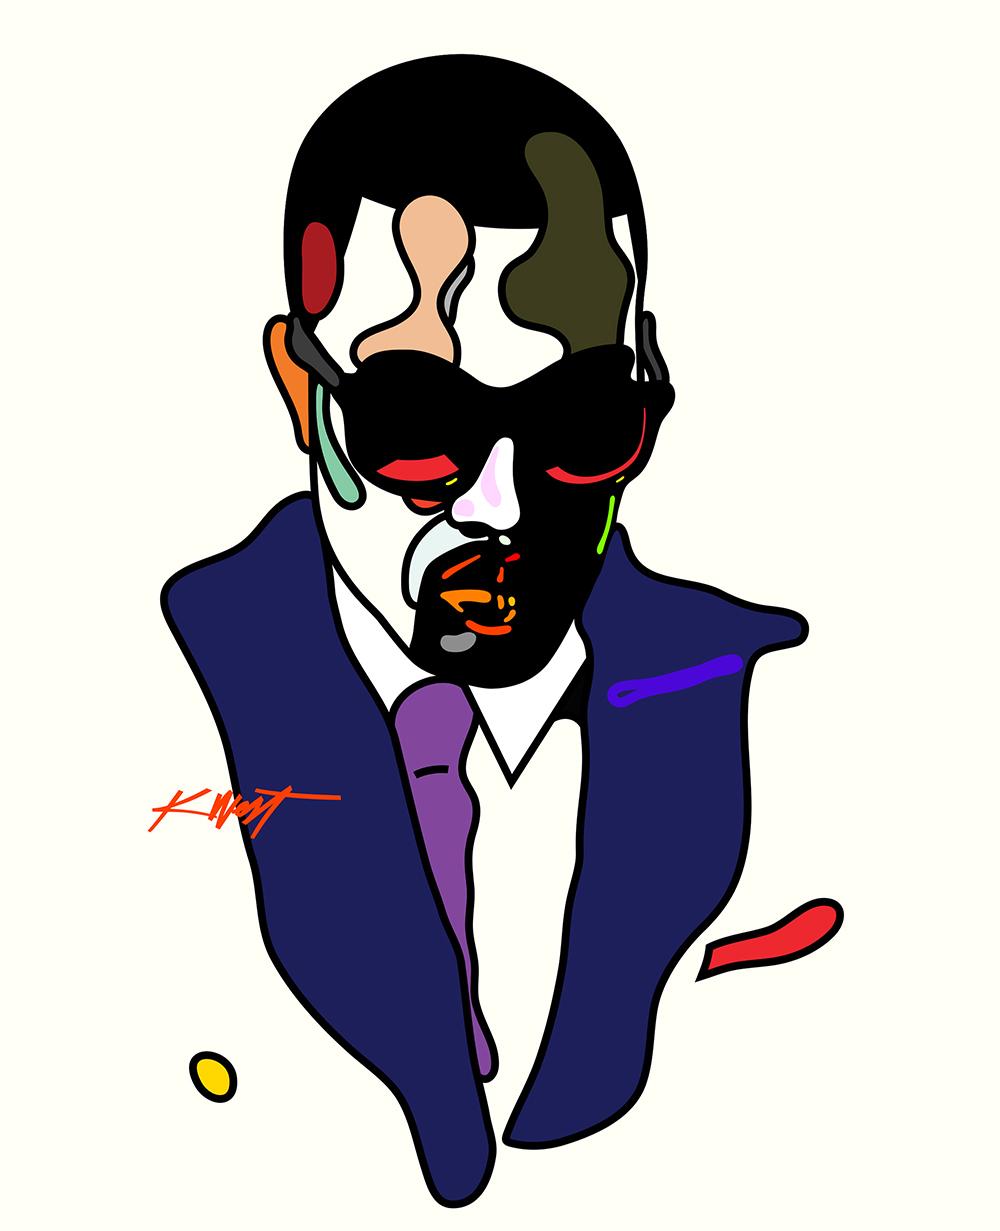 Kanye West by graphic designer Magnus Voll Mathiassen